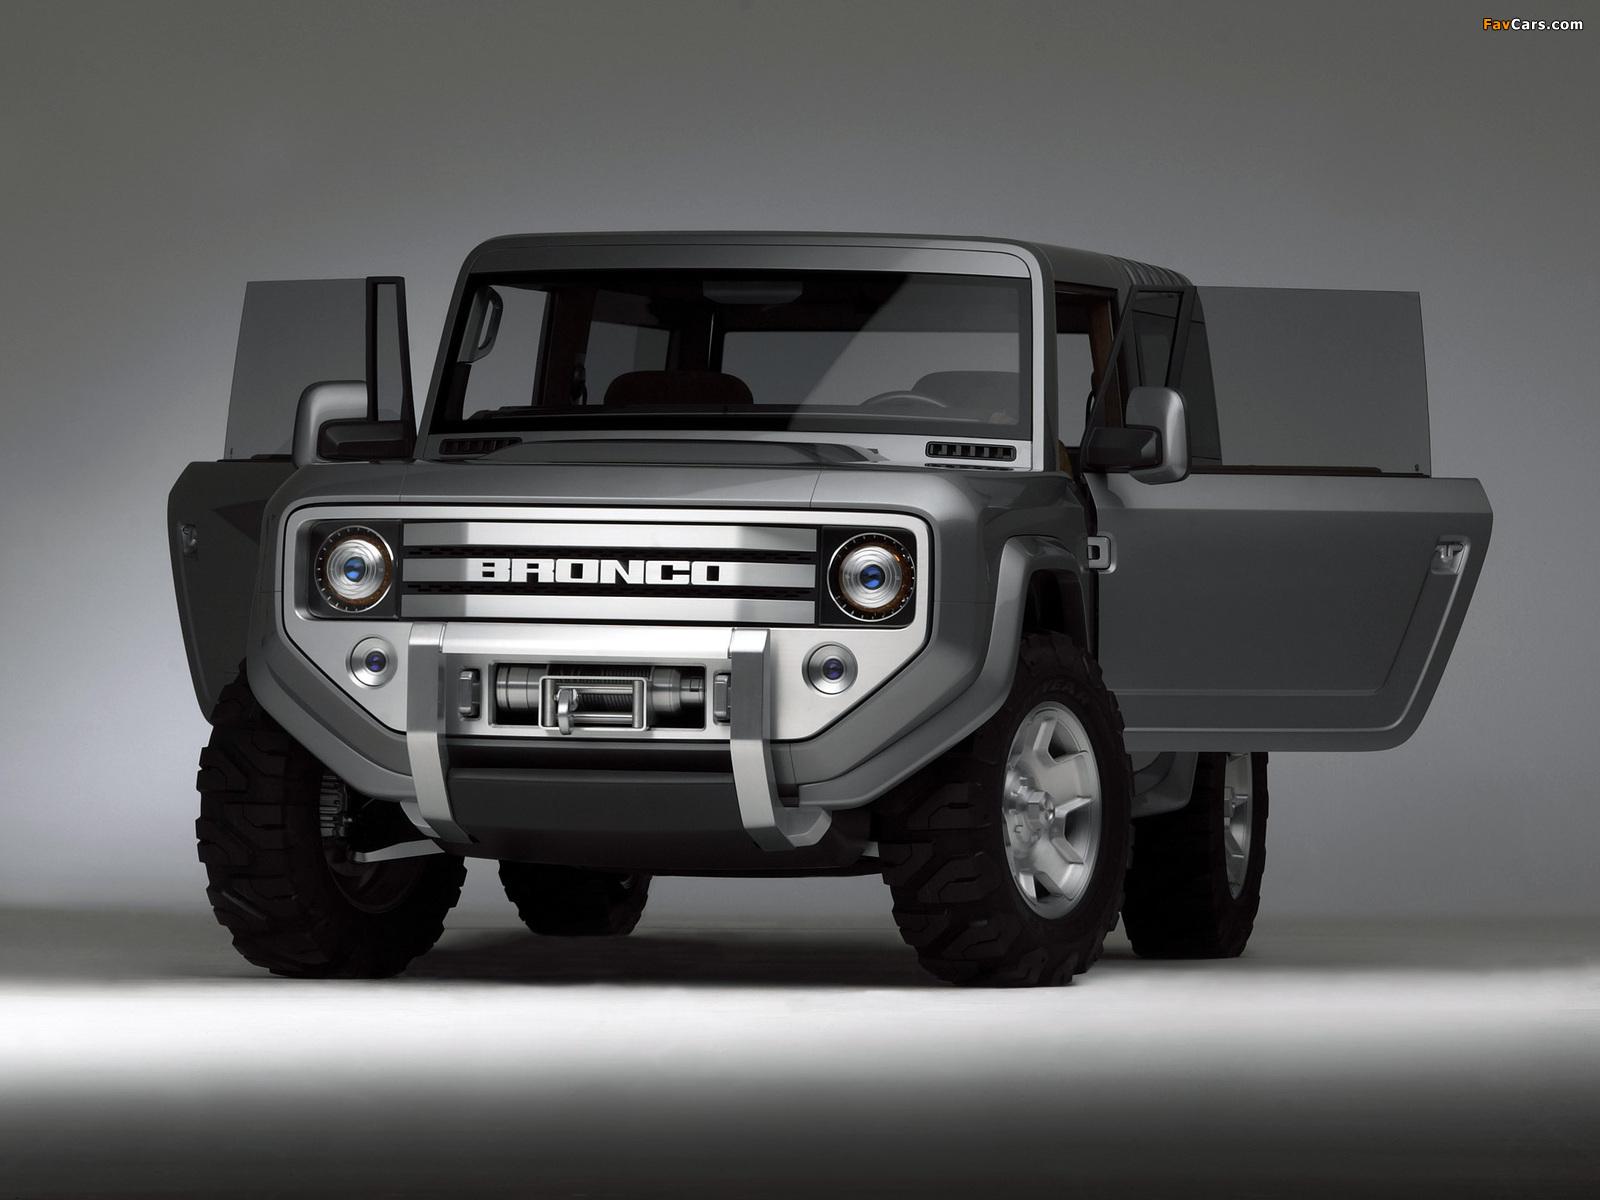 Ford Bronco Concept 2004 photos (1600 x 1200)